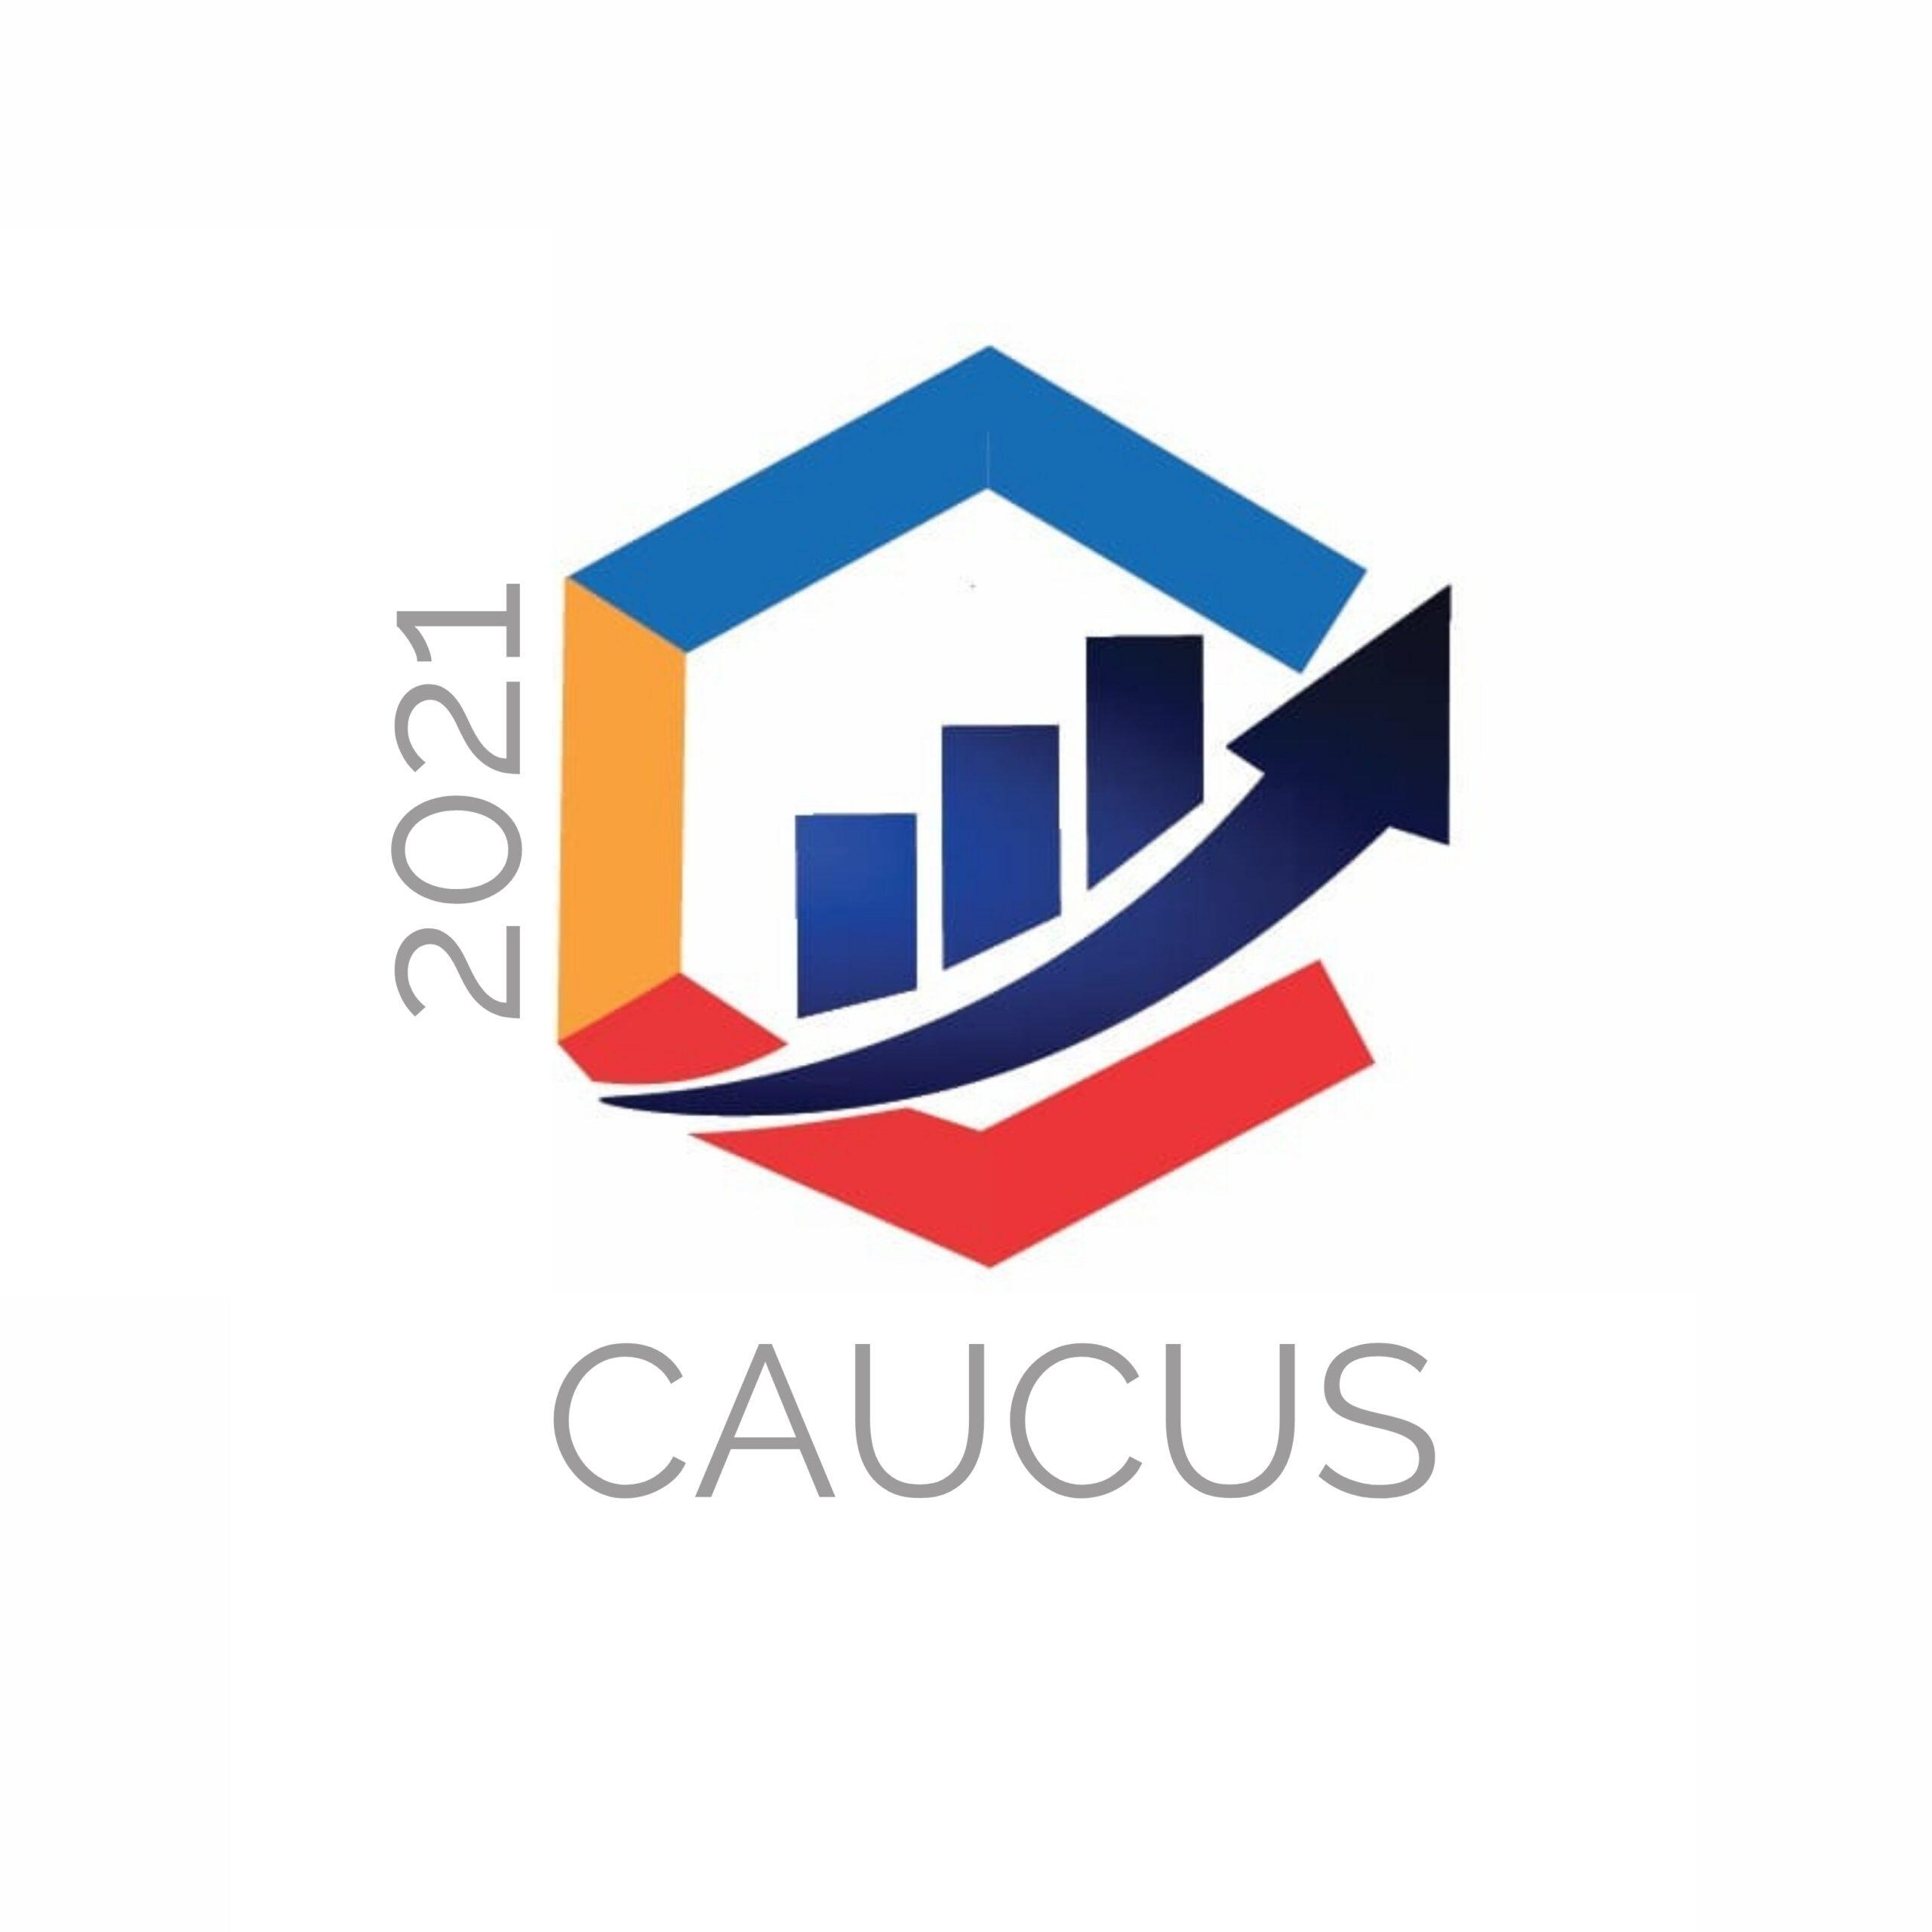 Caucus Logo